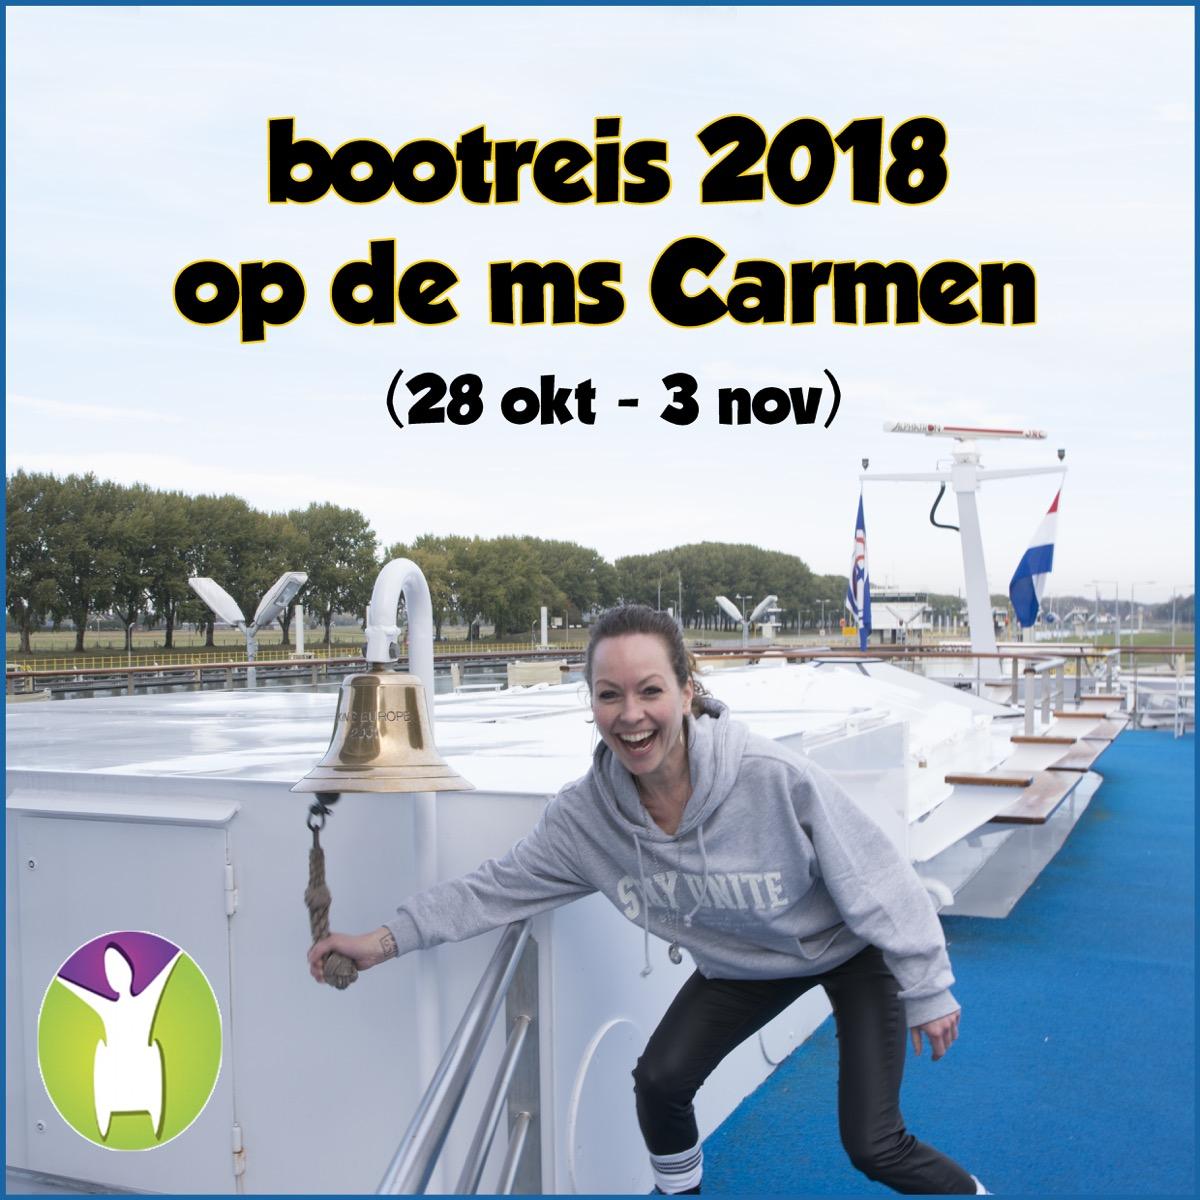 bootreis-2018